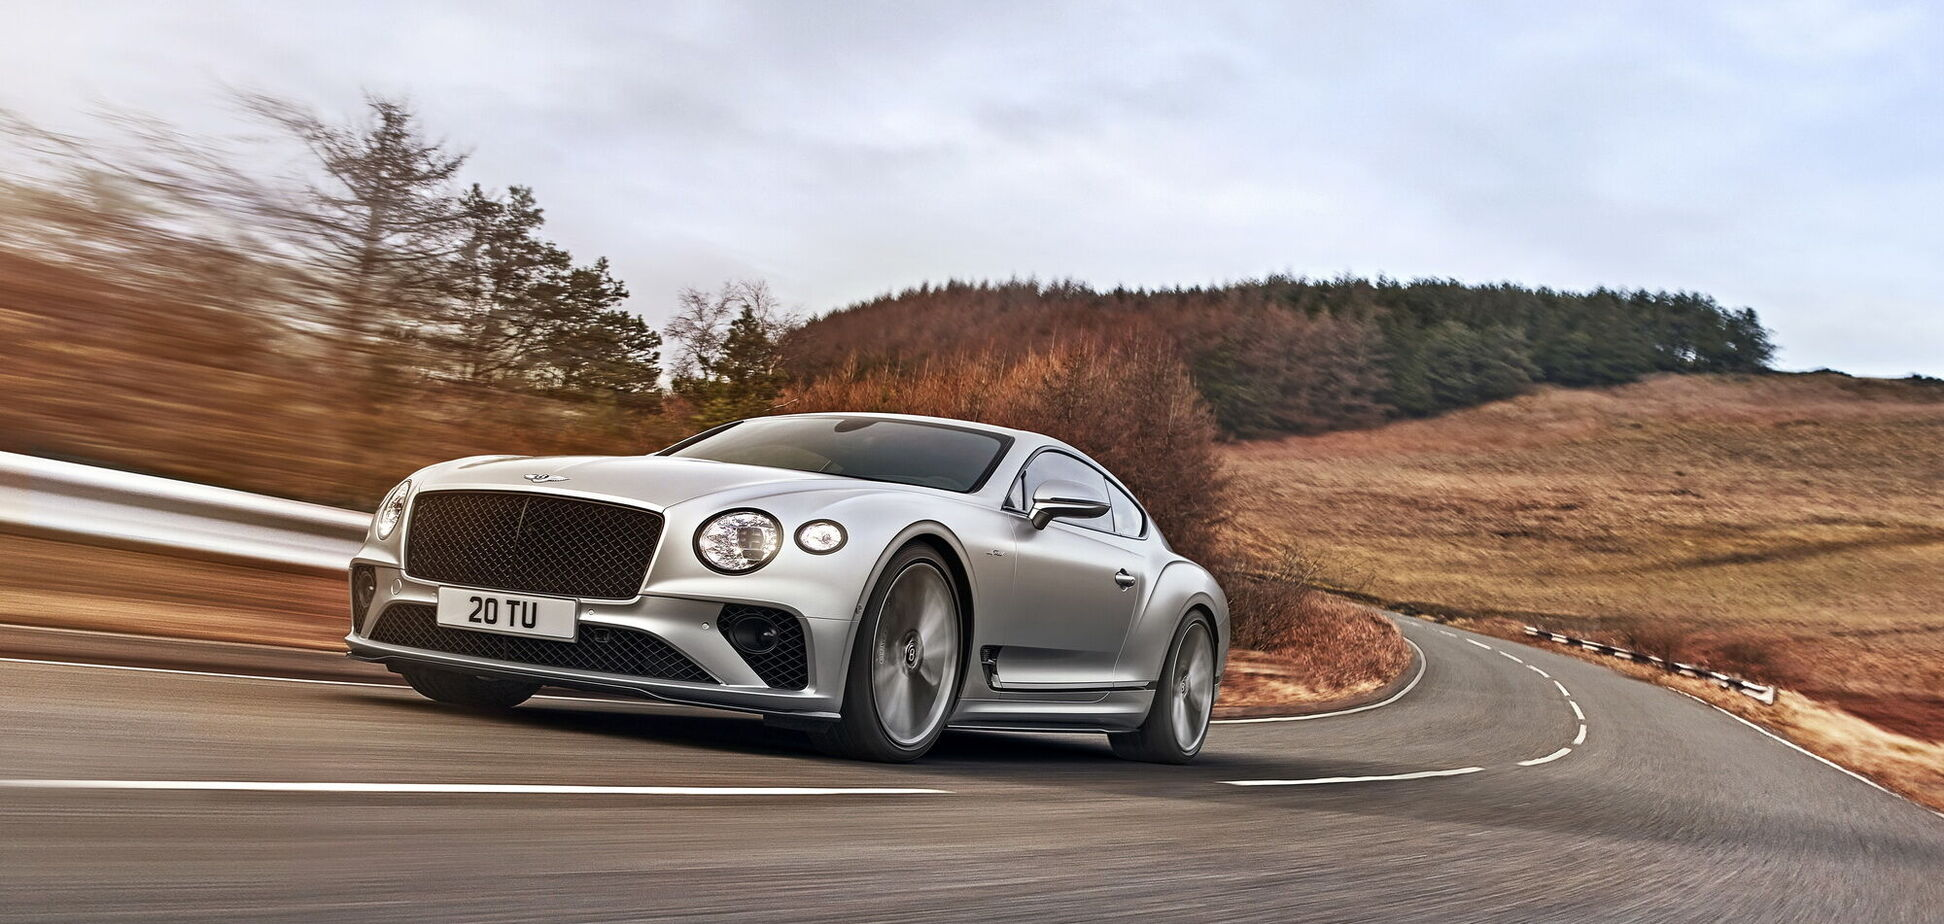 Bentley Continental отримав топову версію